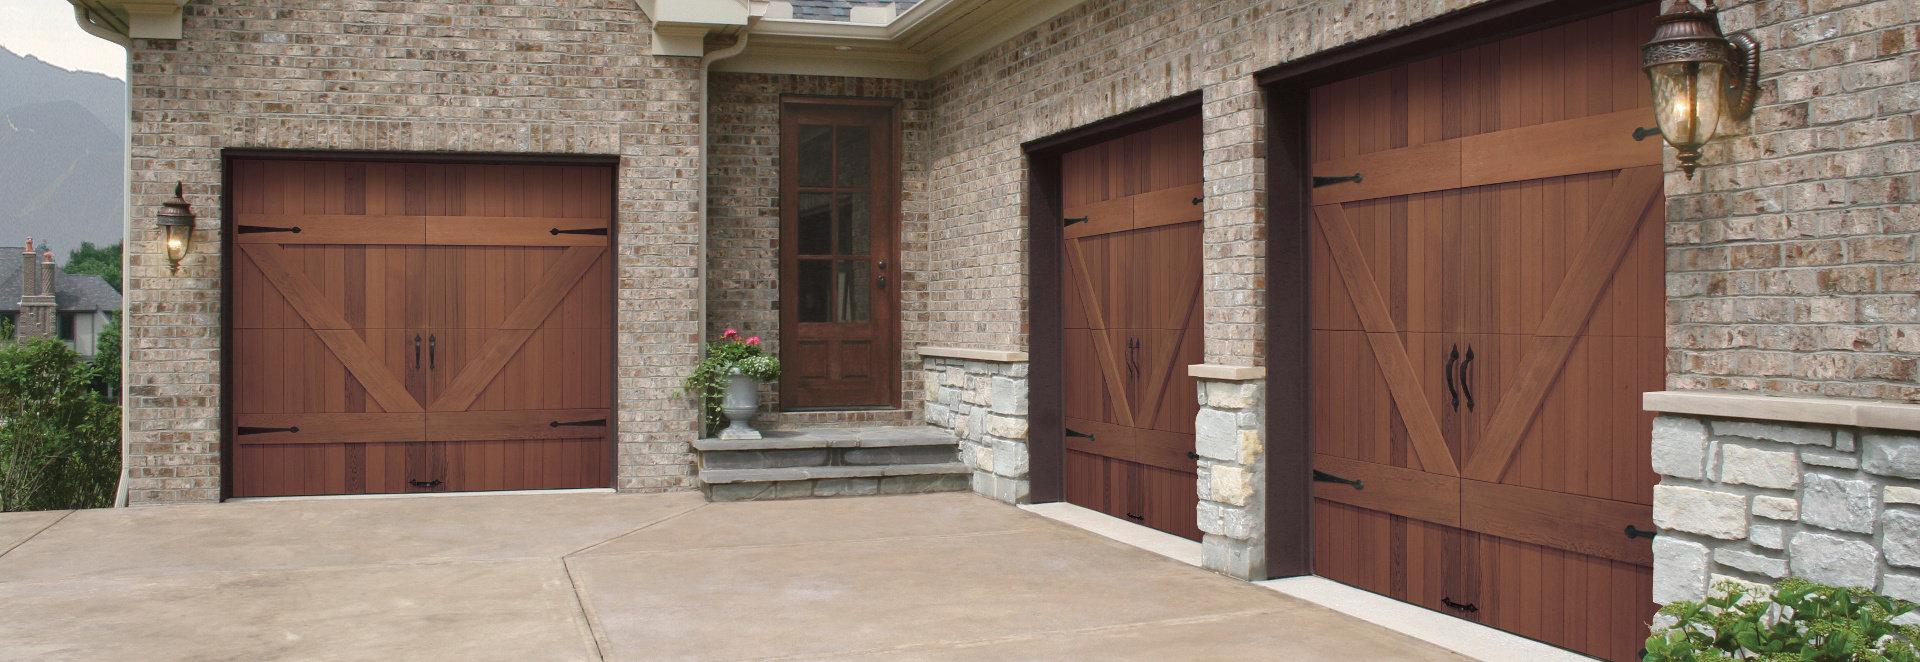 Garage Door Cost Top Stylish With Garage Door Cost Faux